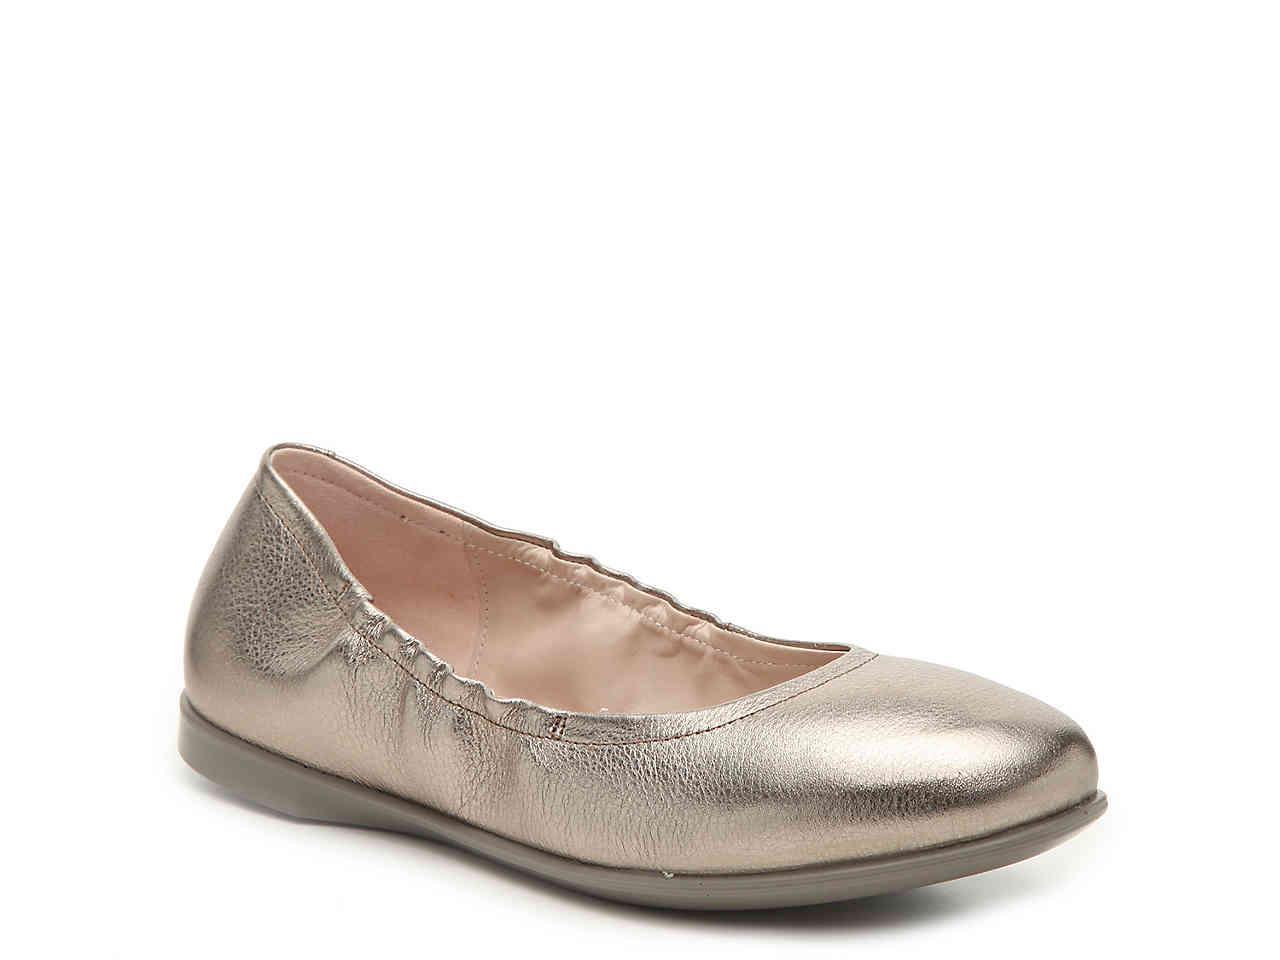 aac99767754c Lyst - Ecco Incise Ballet Flat in Metallic